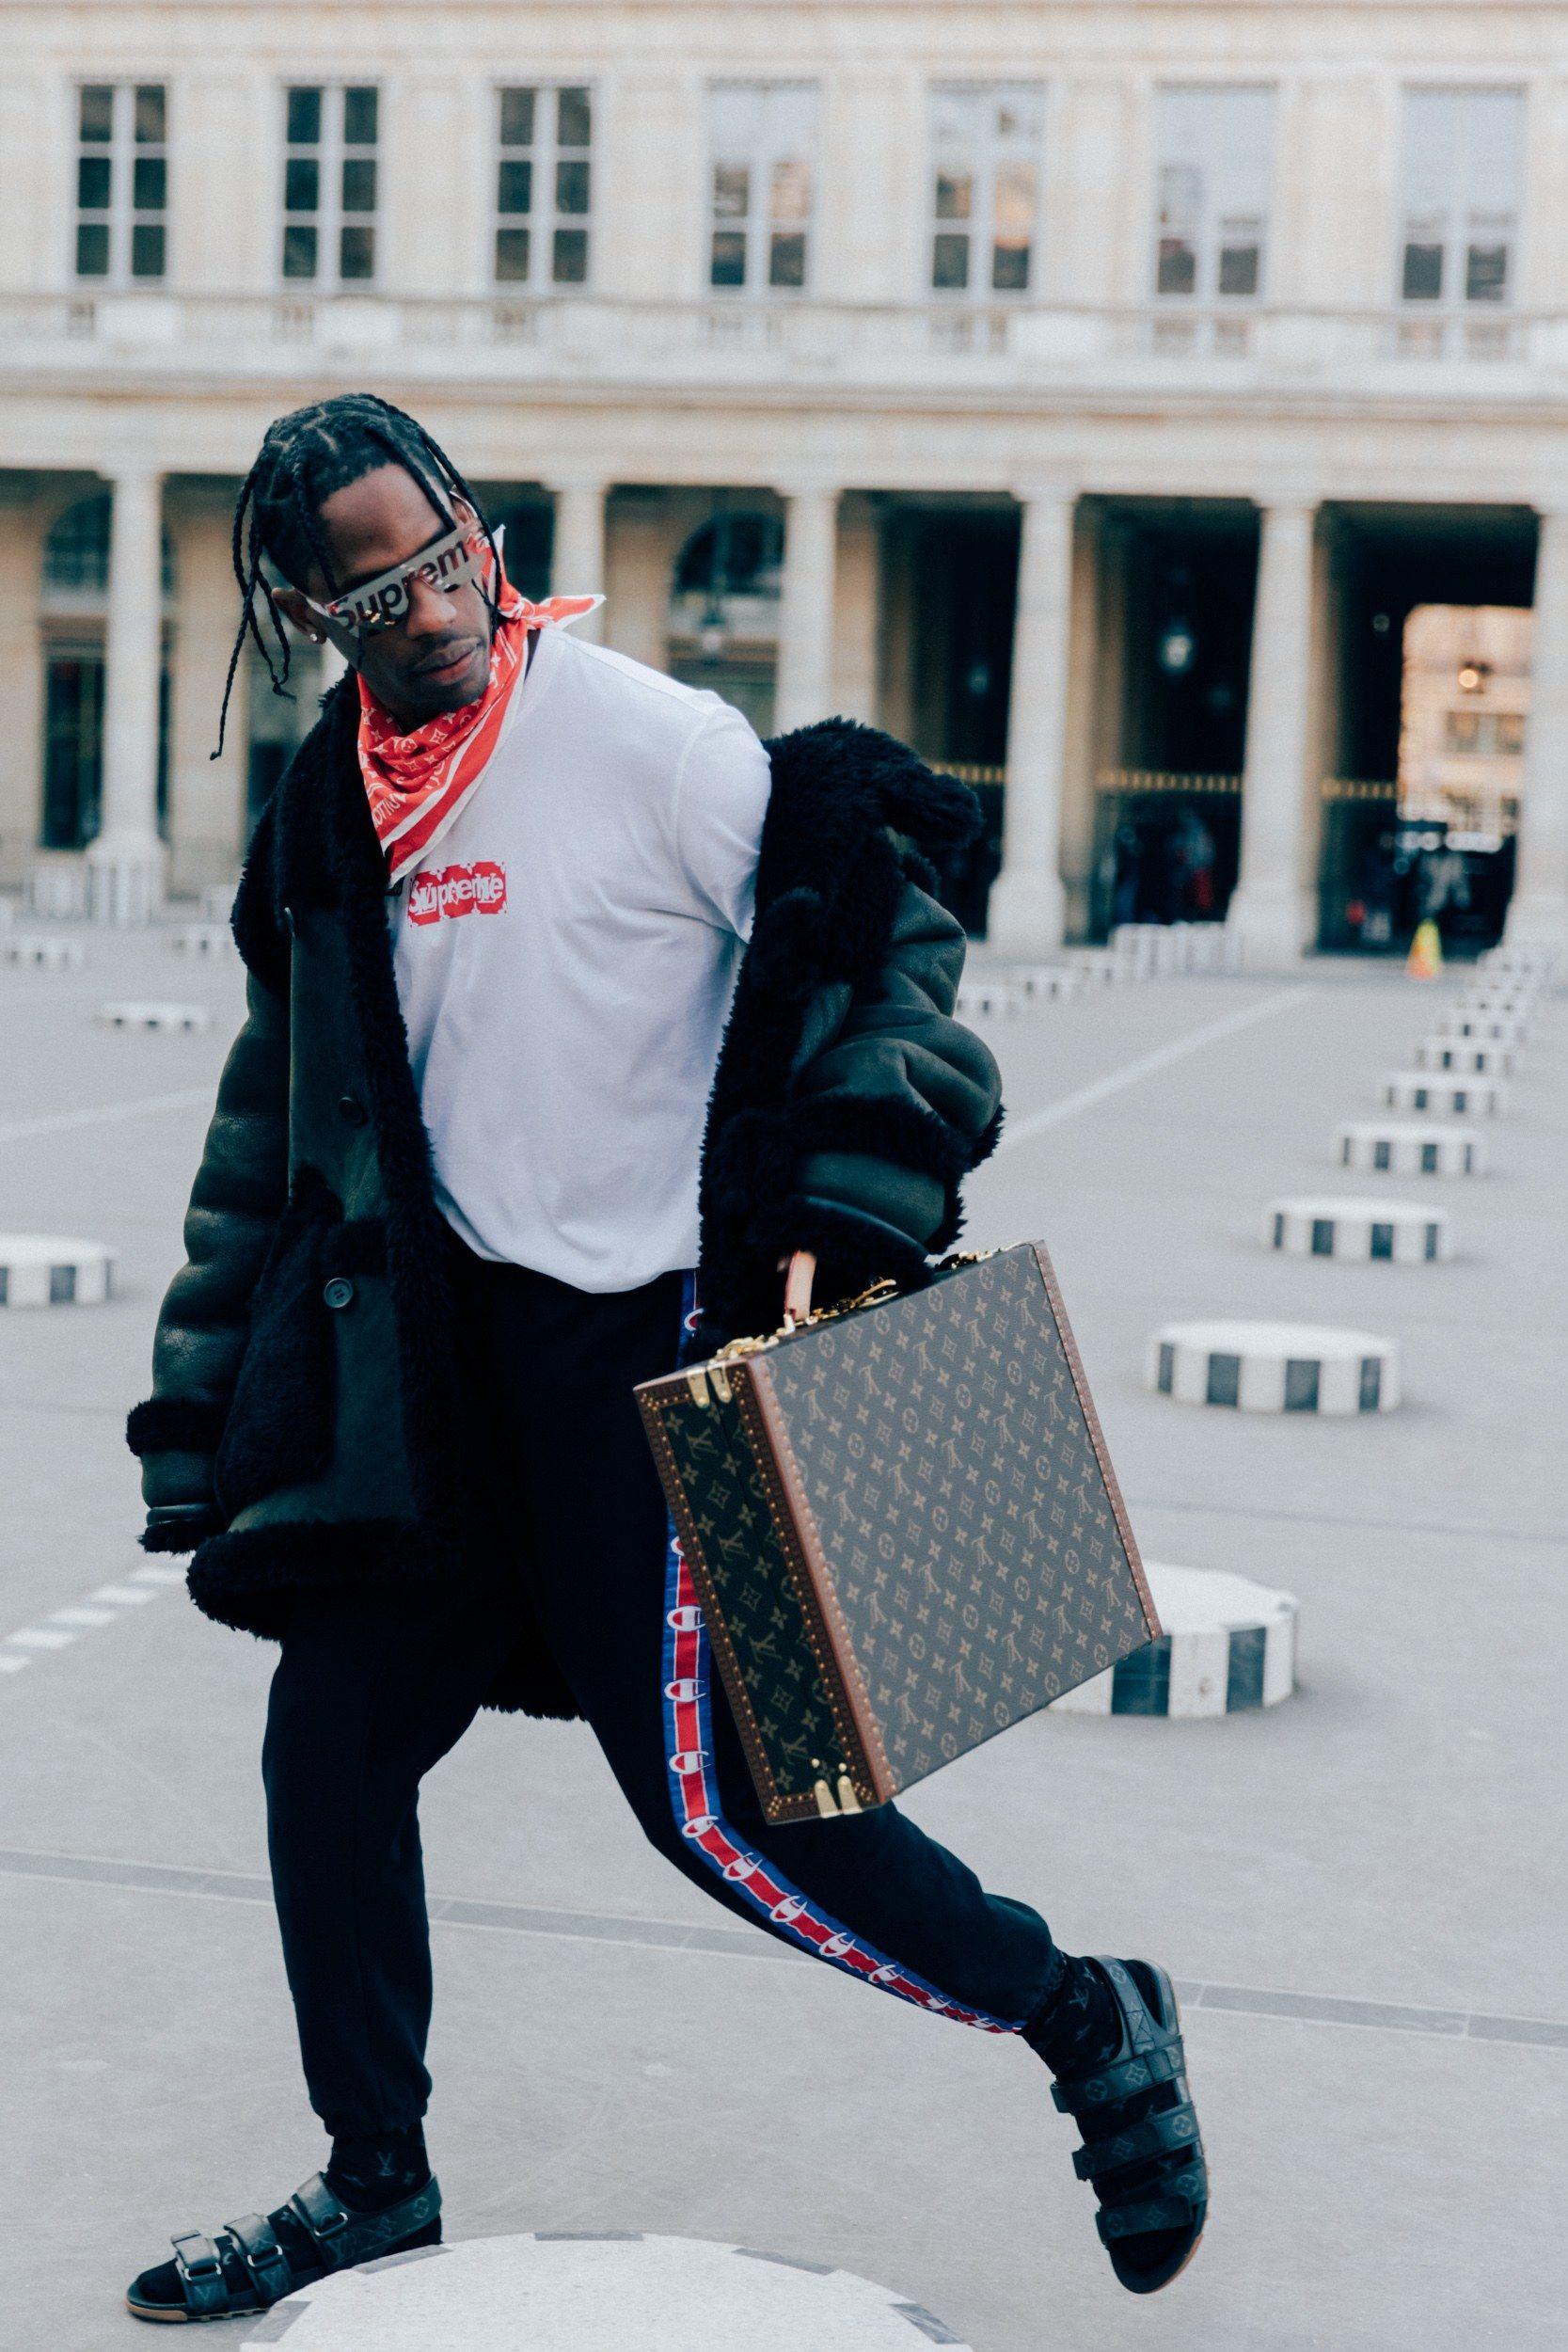 5c773b2d0cf2e The Houston rapper was wearing Louis Vuitton sandals